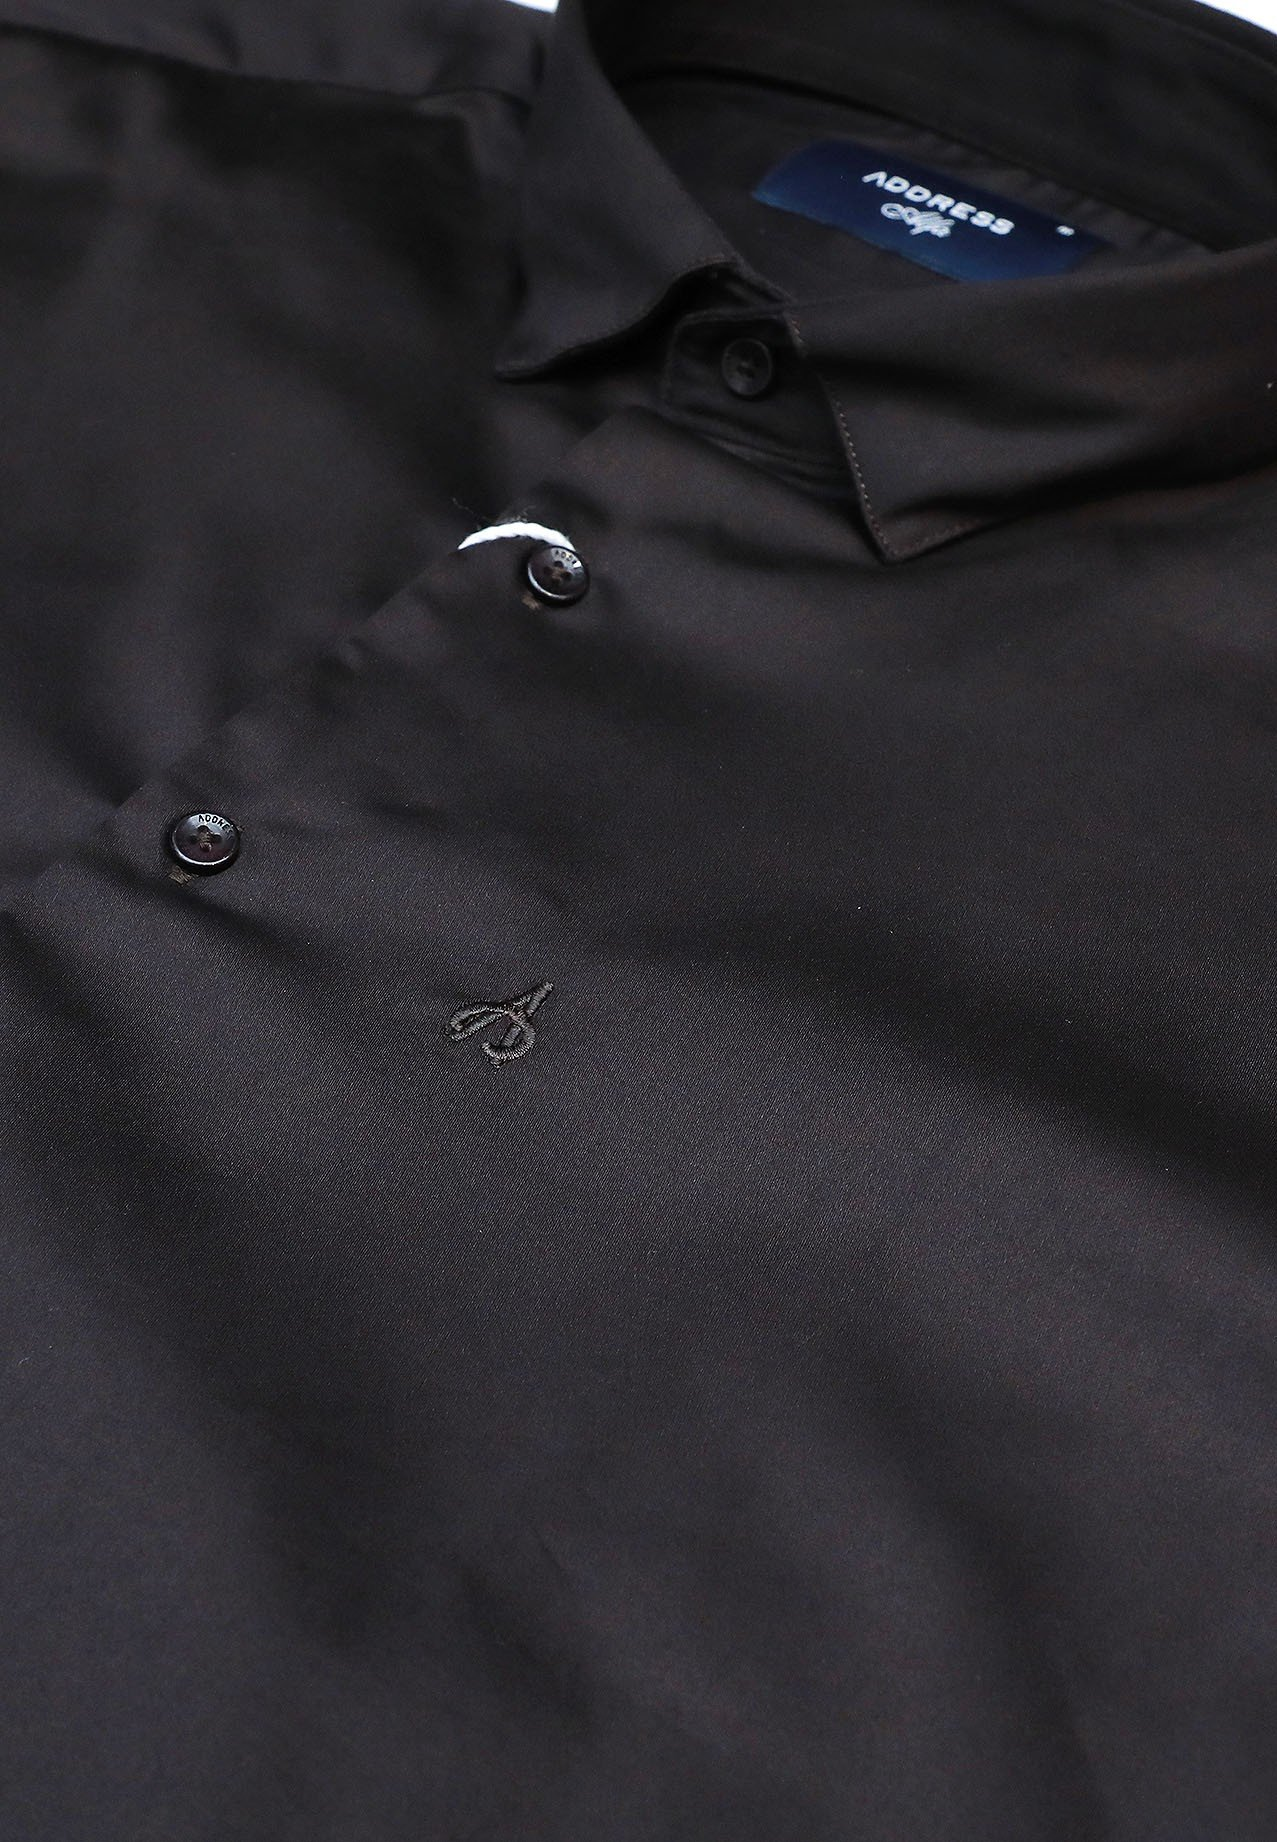 Address Formals Shirt Black, XL